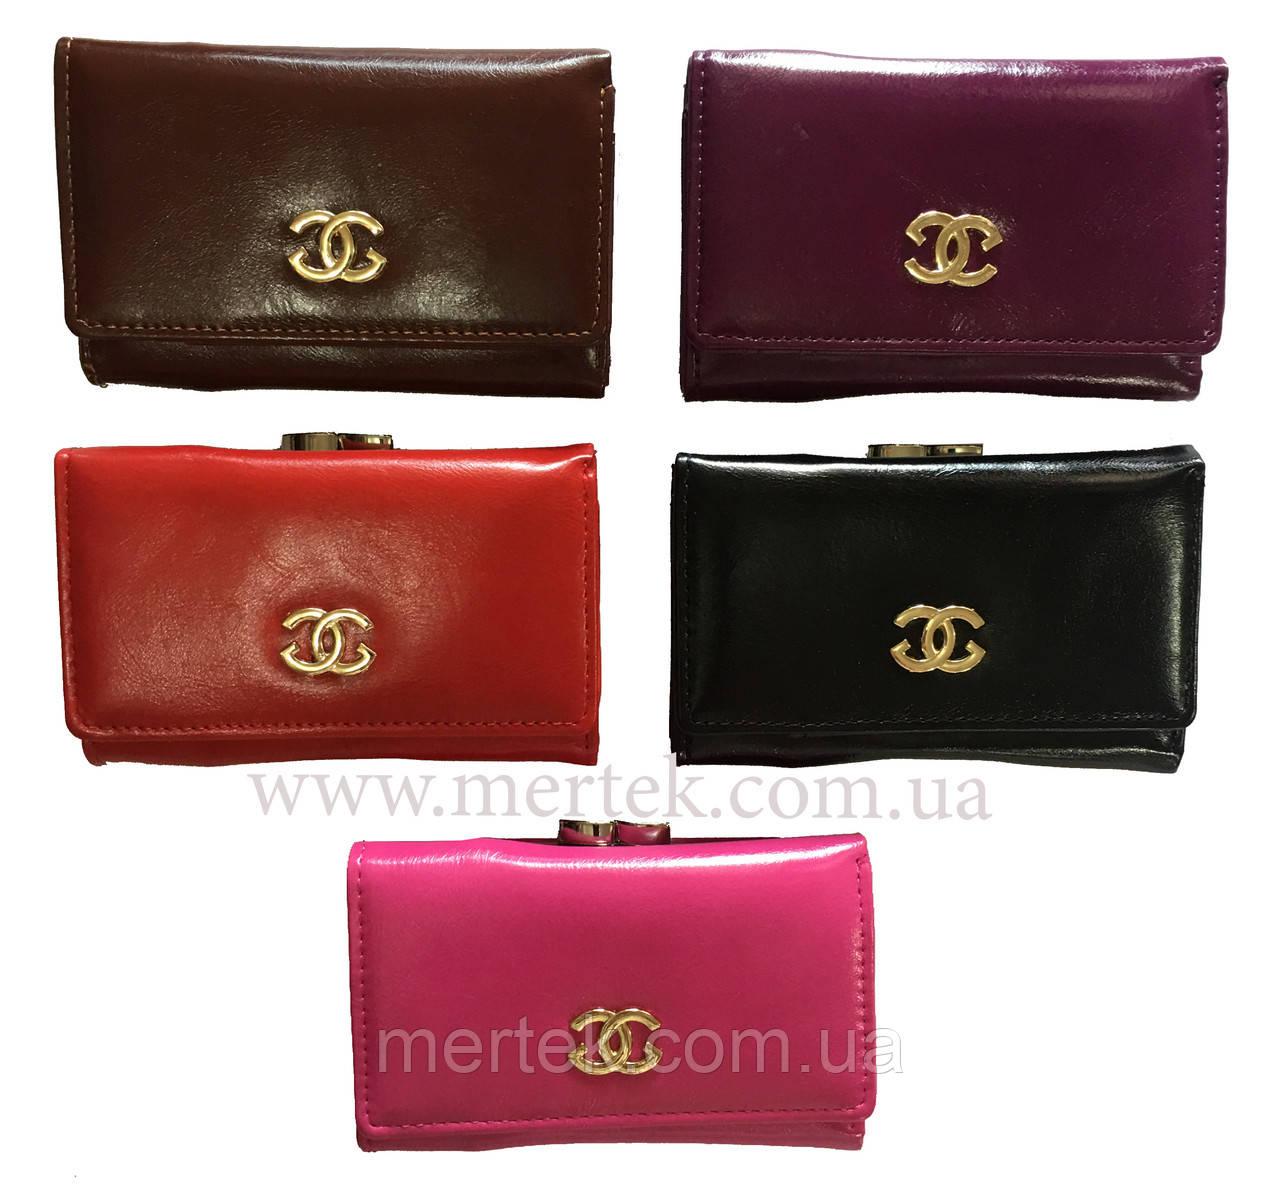 Средний женский кошелек шанель   продажа, цена в Одессе. кошельки и ... aa5b0a8579f